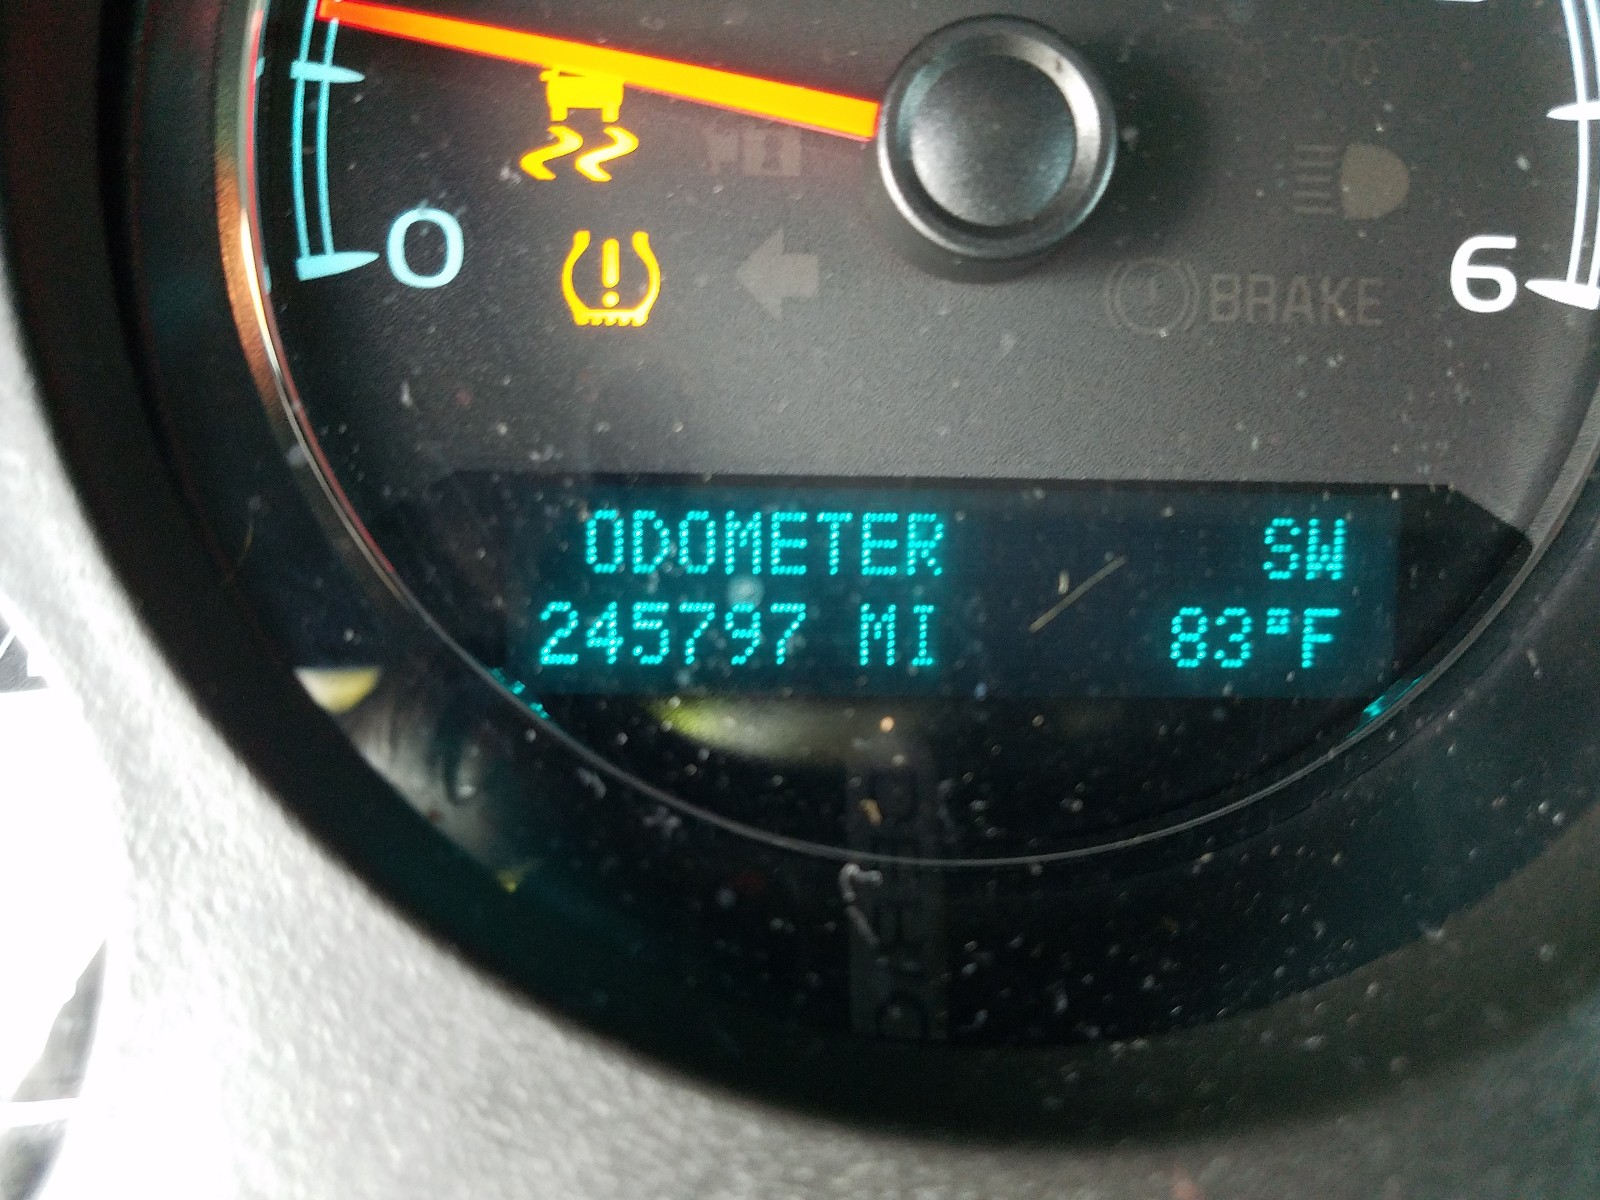 2013 Chevrolet Suburban K 5.3L front view